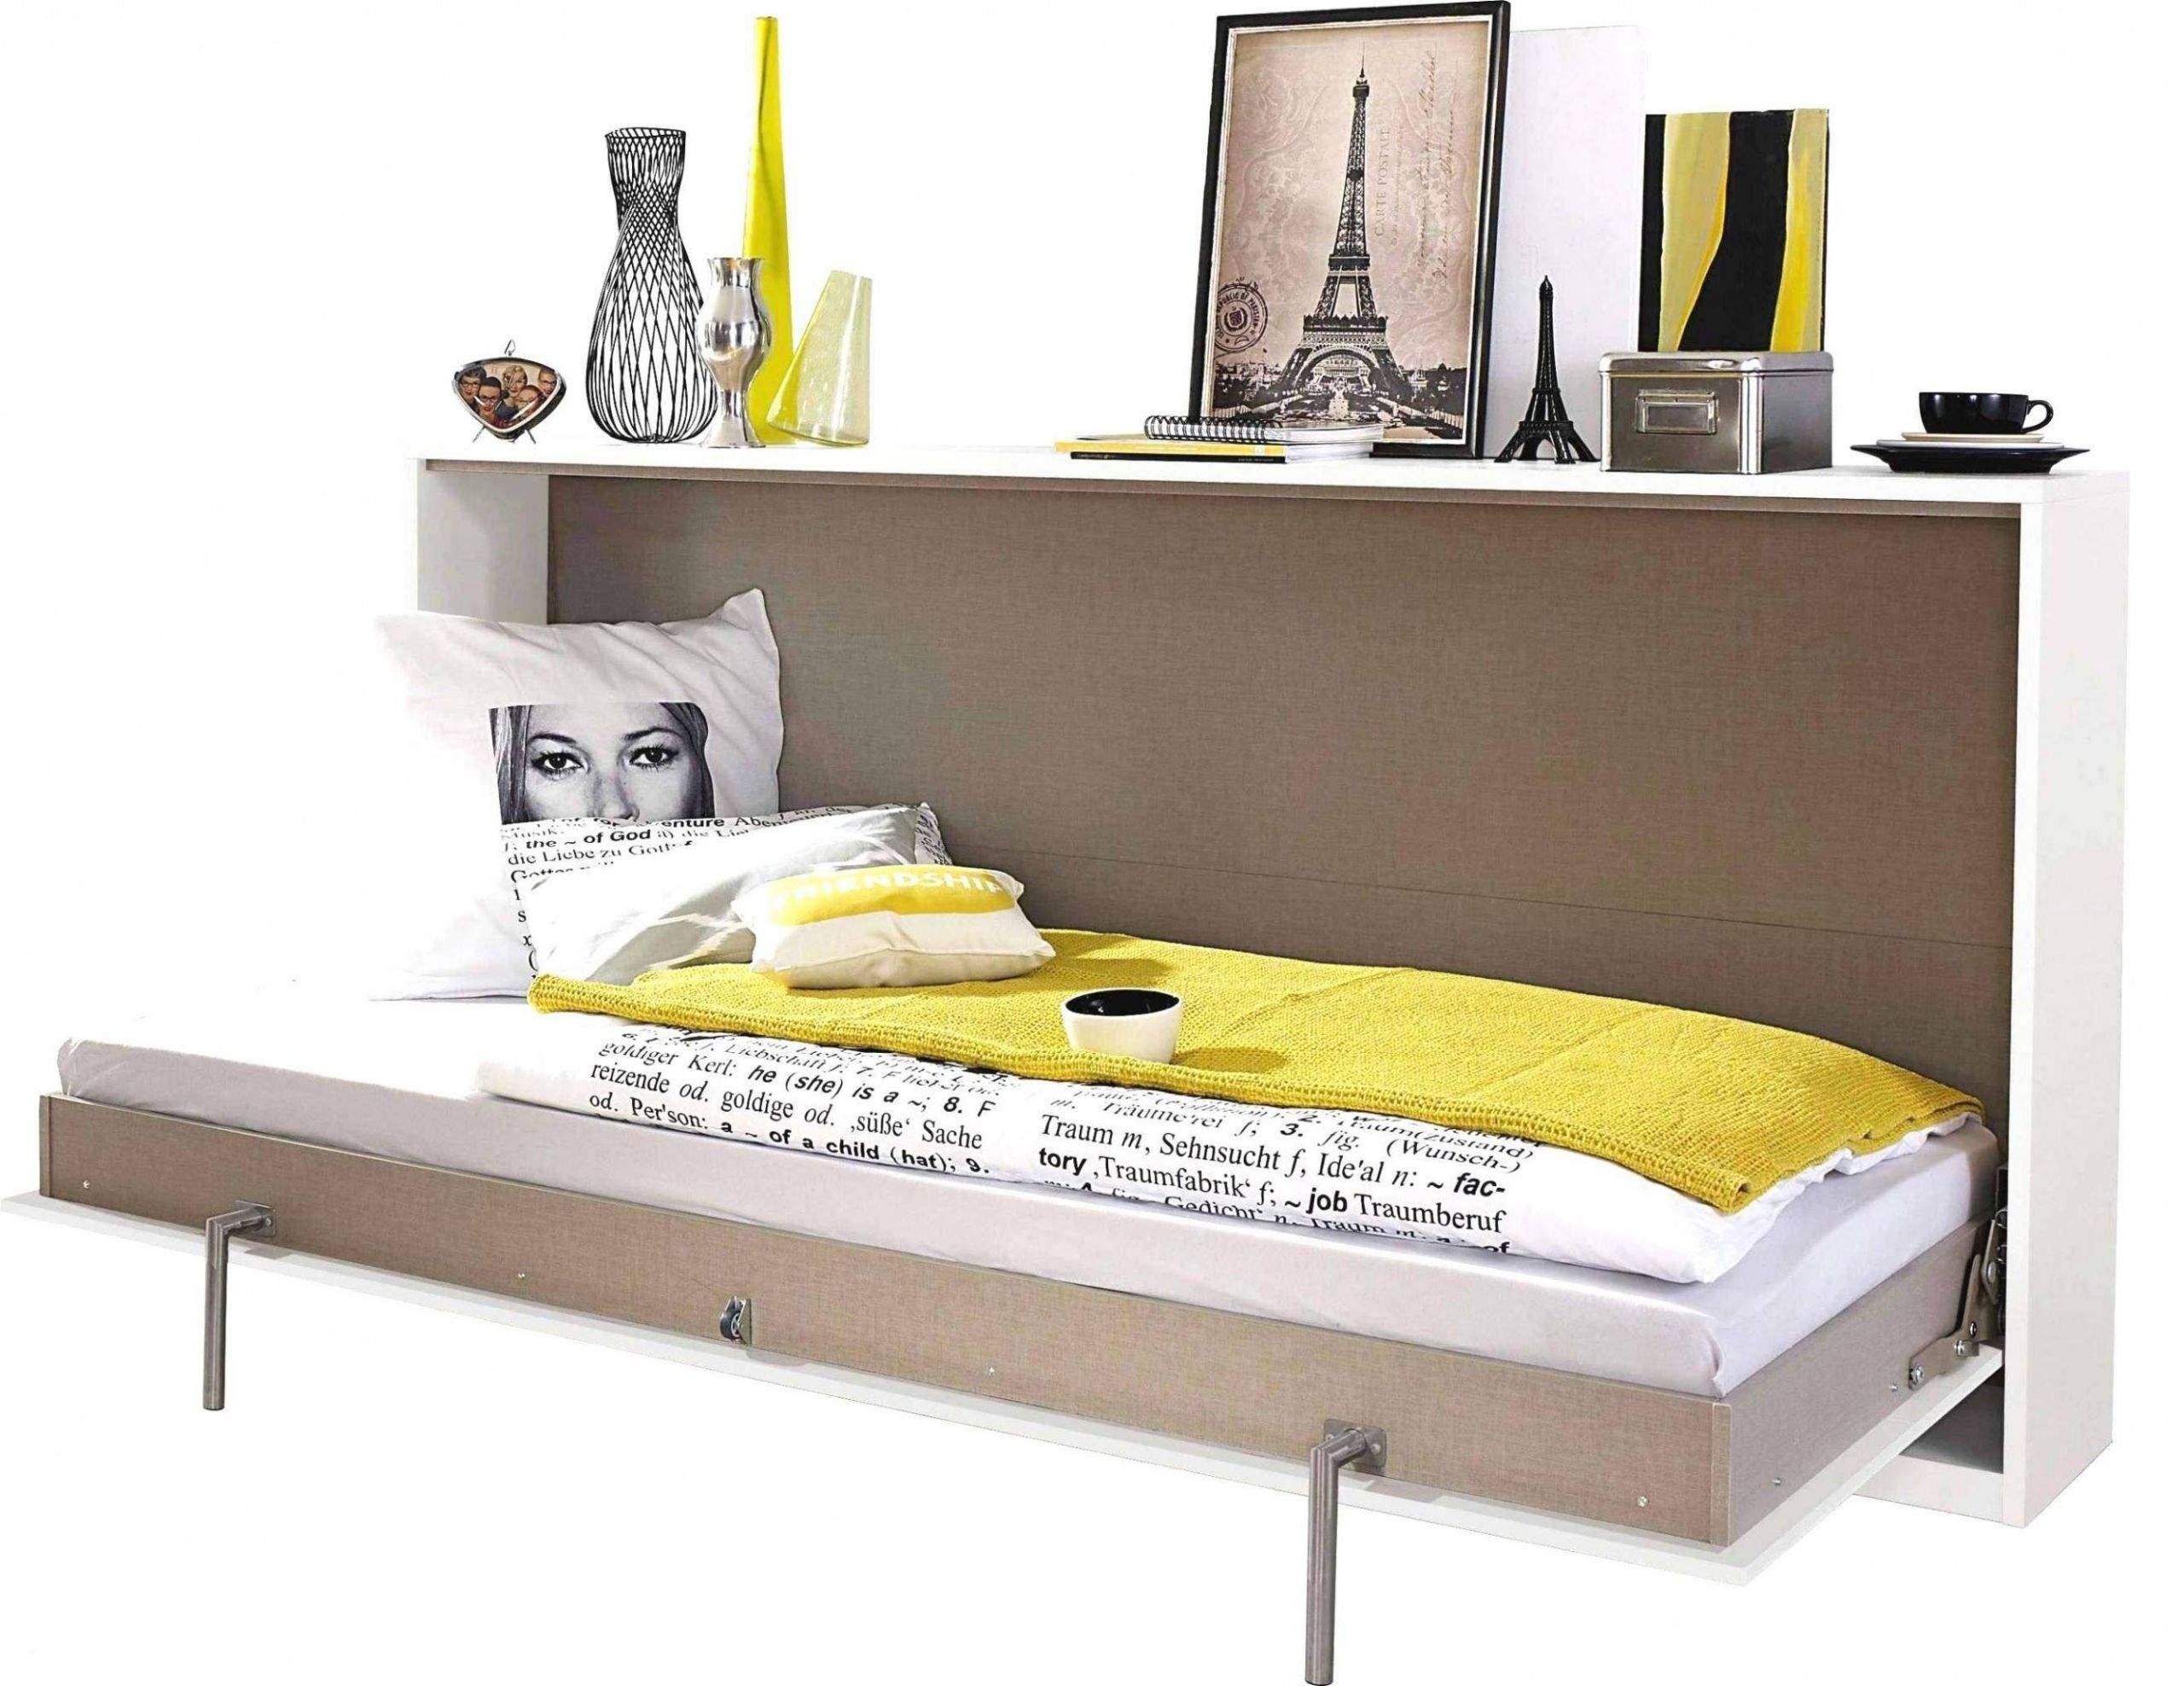 palettenmobel wohnzimmer genial luxury wohnzimmer mobel 30er jahre ideas of palettenmobel wohnzimmer 1 scaled